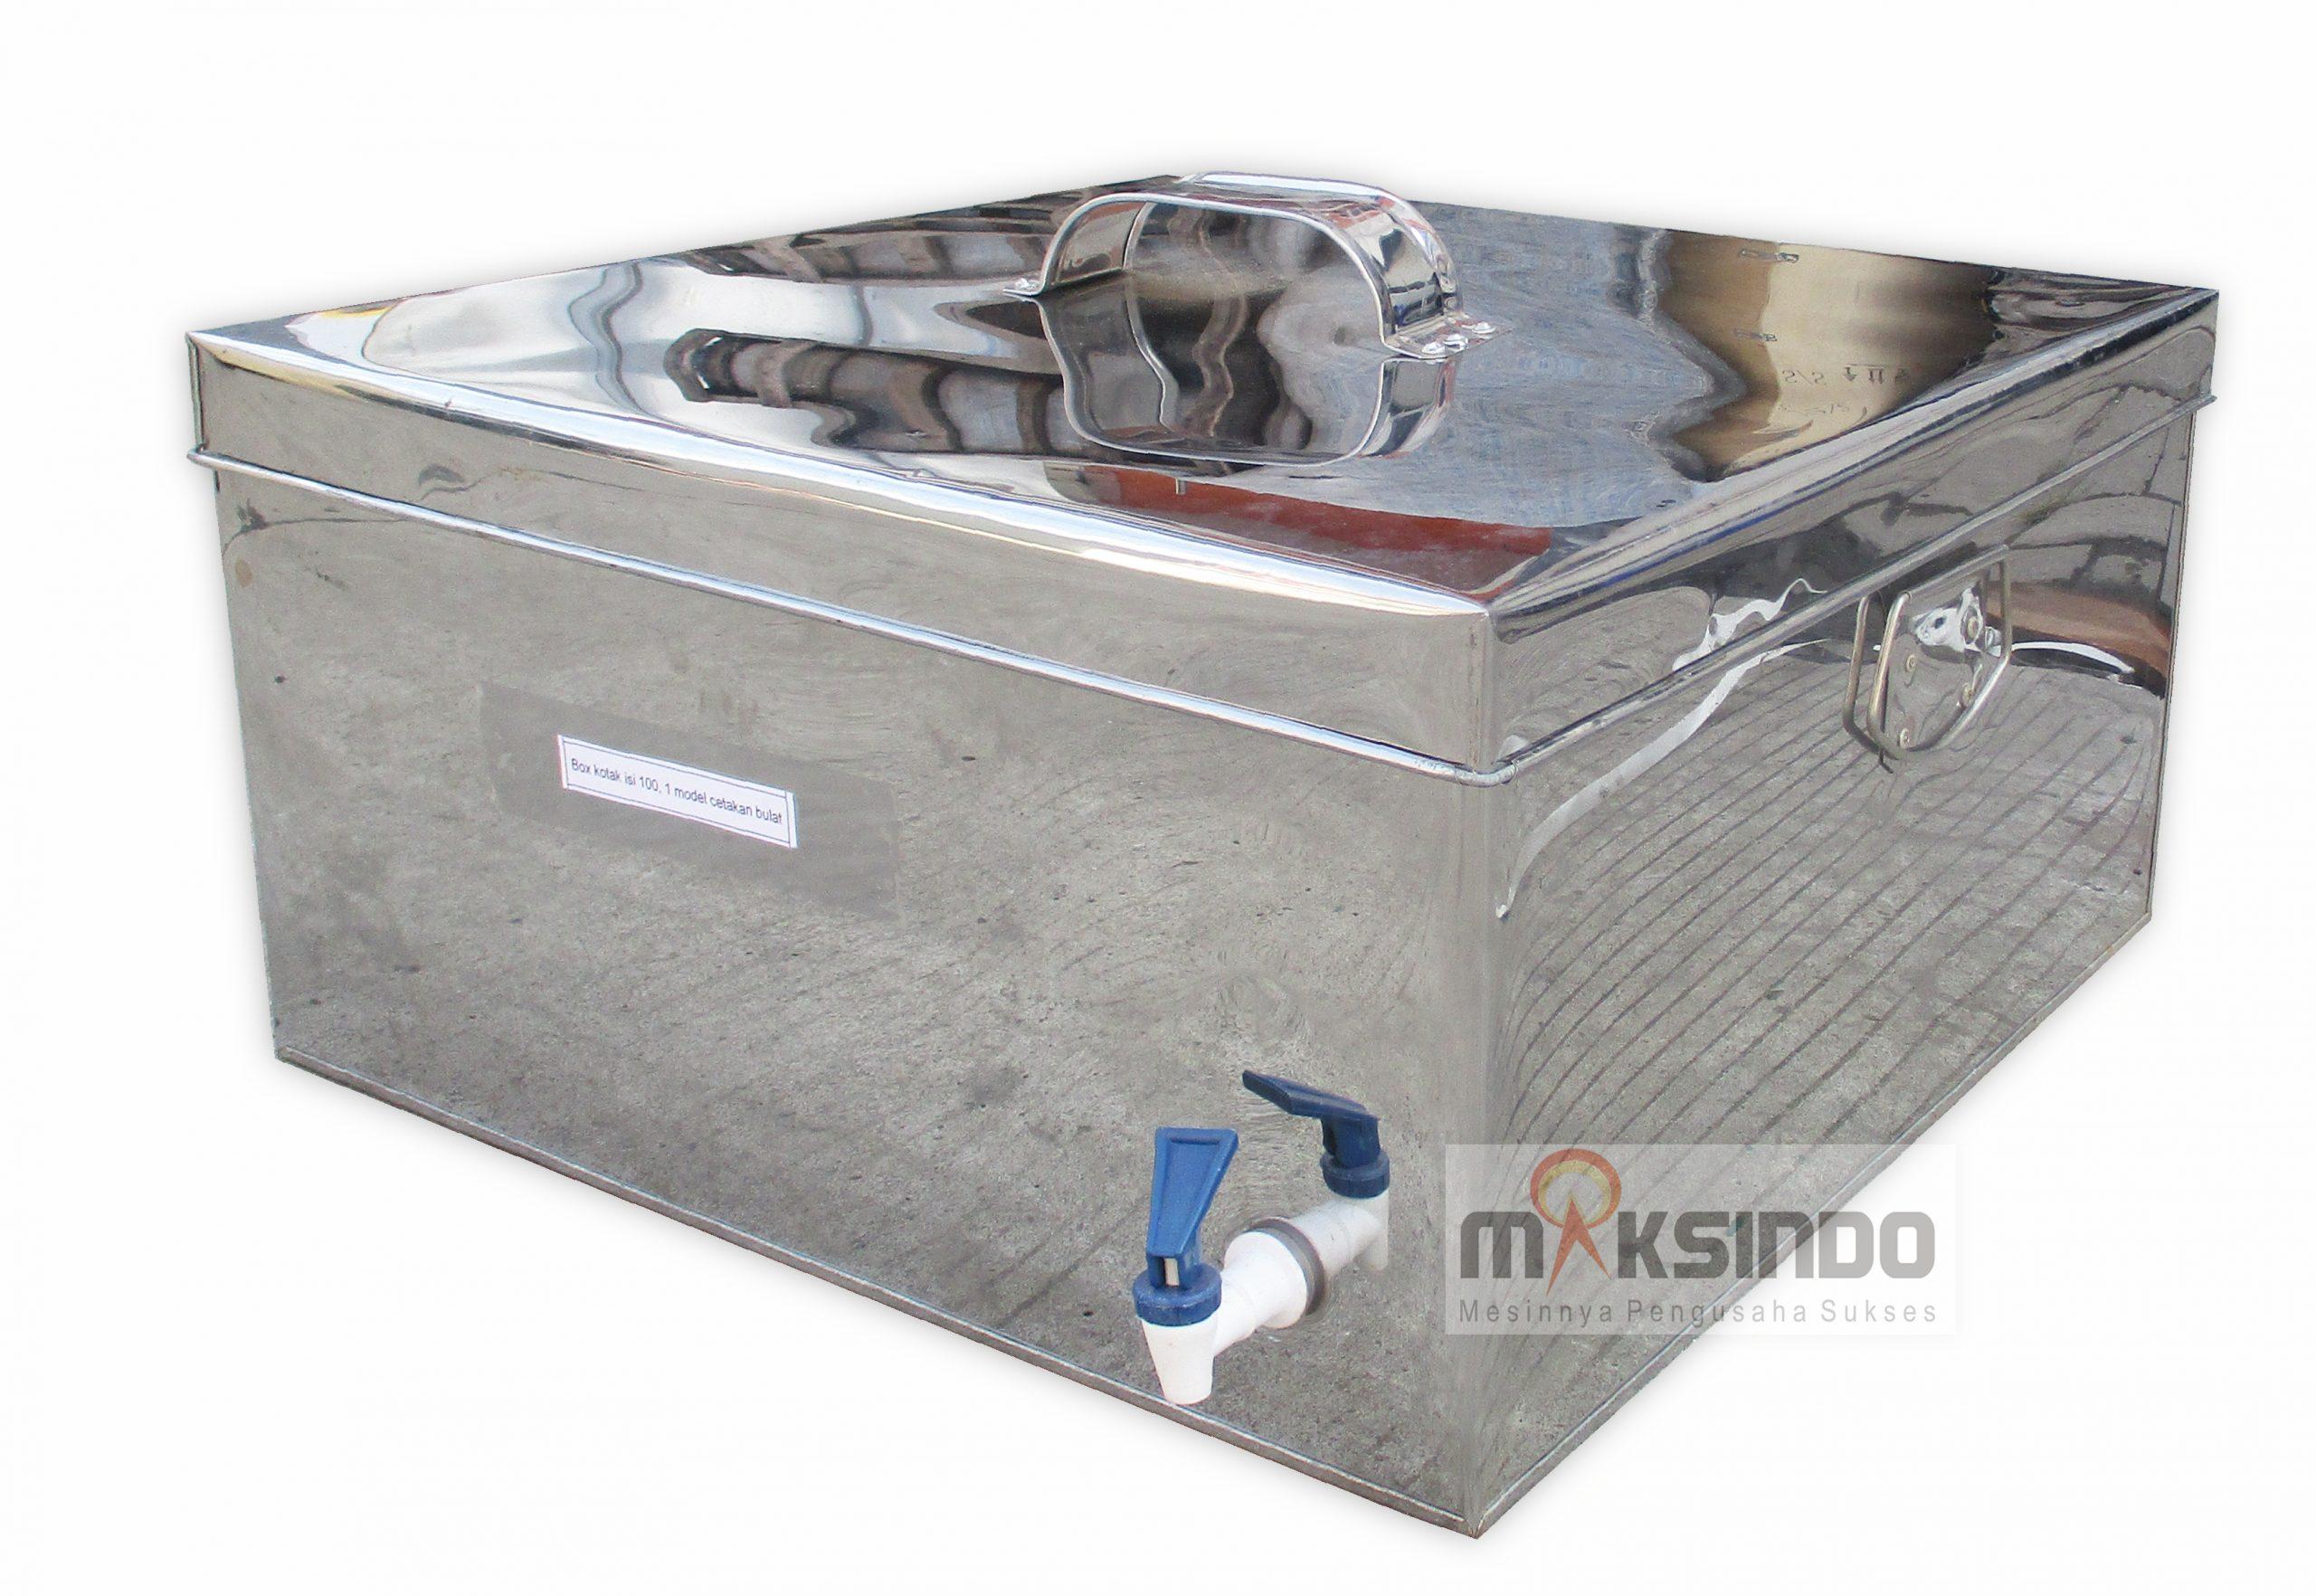 Jual Mesin Es Krim Goyang MKS-100B di Banjarmasin